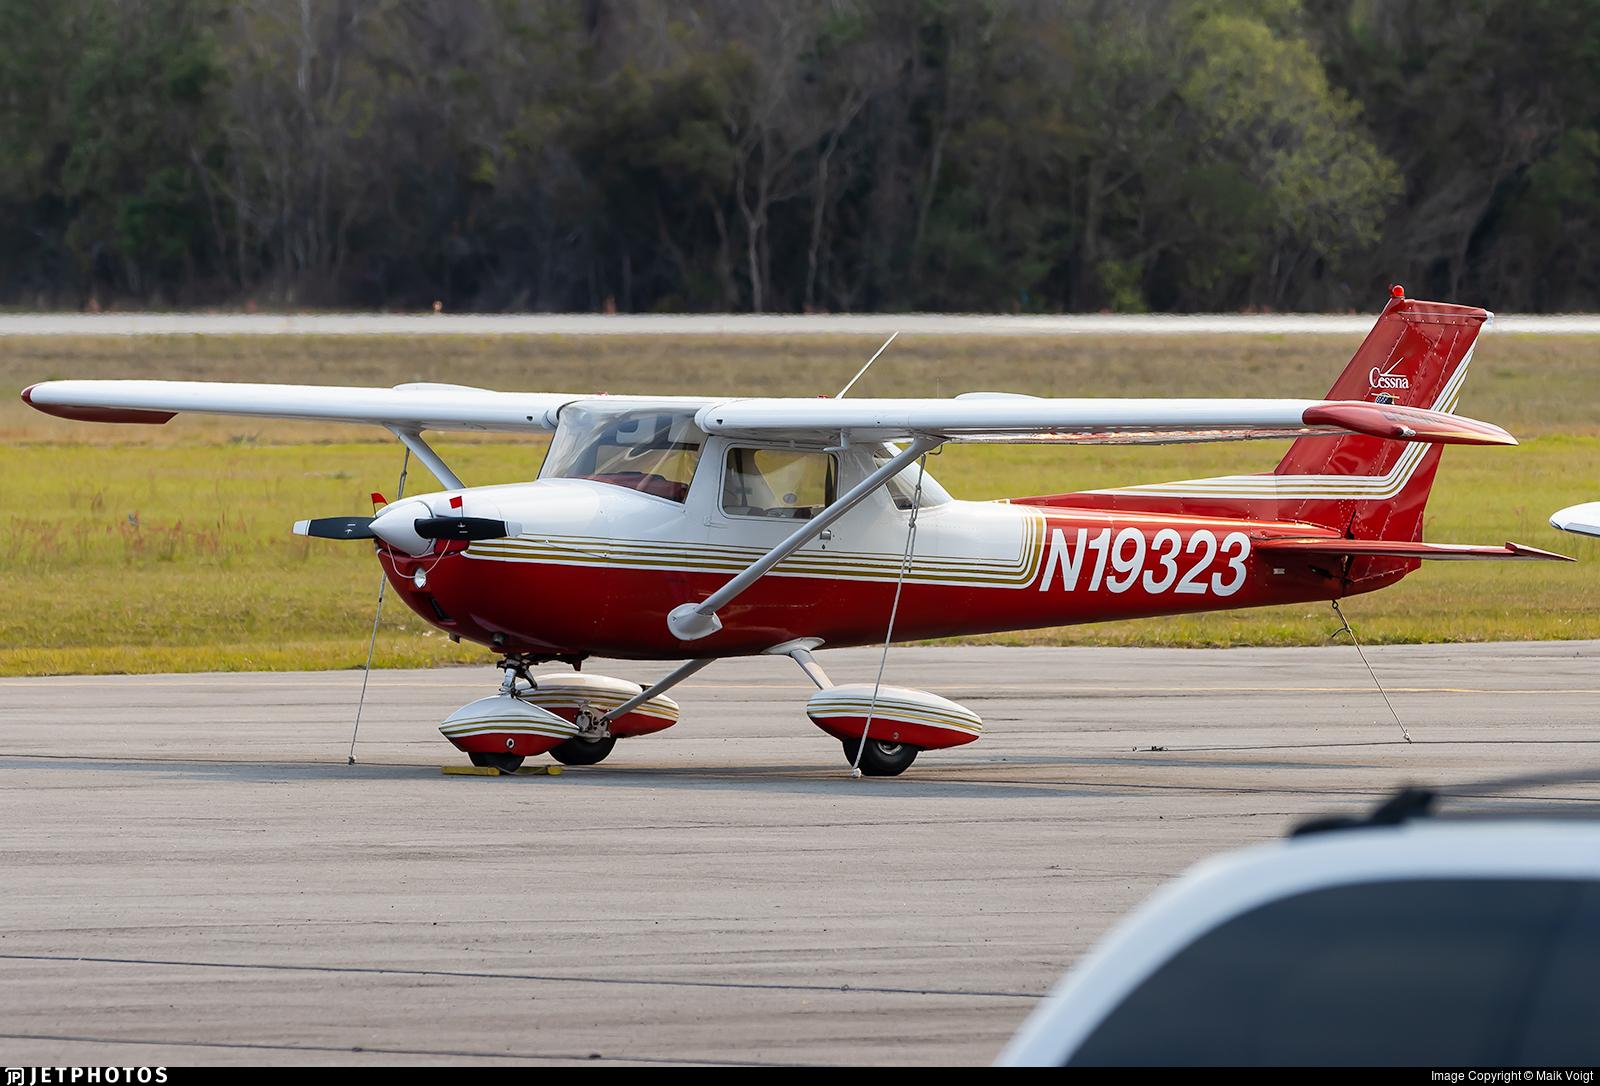 N19323 - Cessna 150L - Private